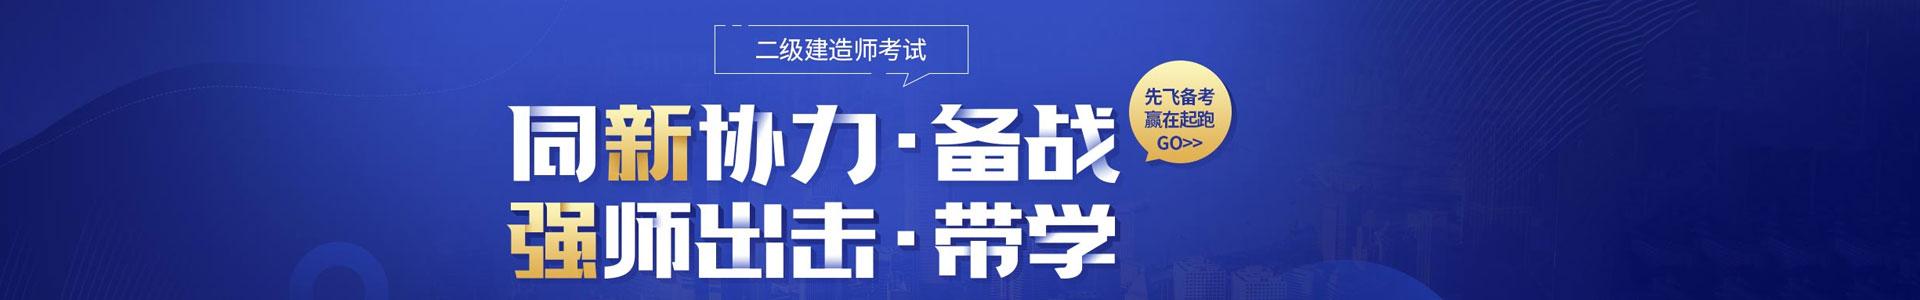 重庆优路二建培训学校